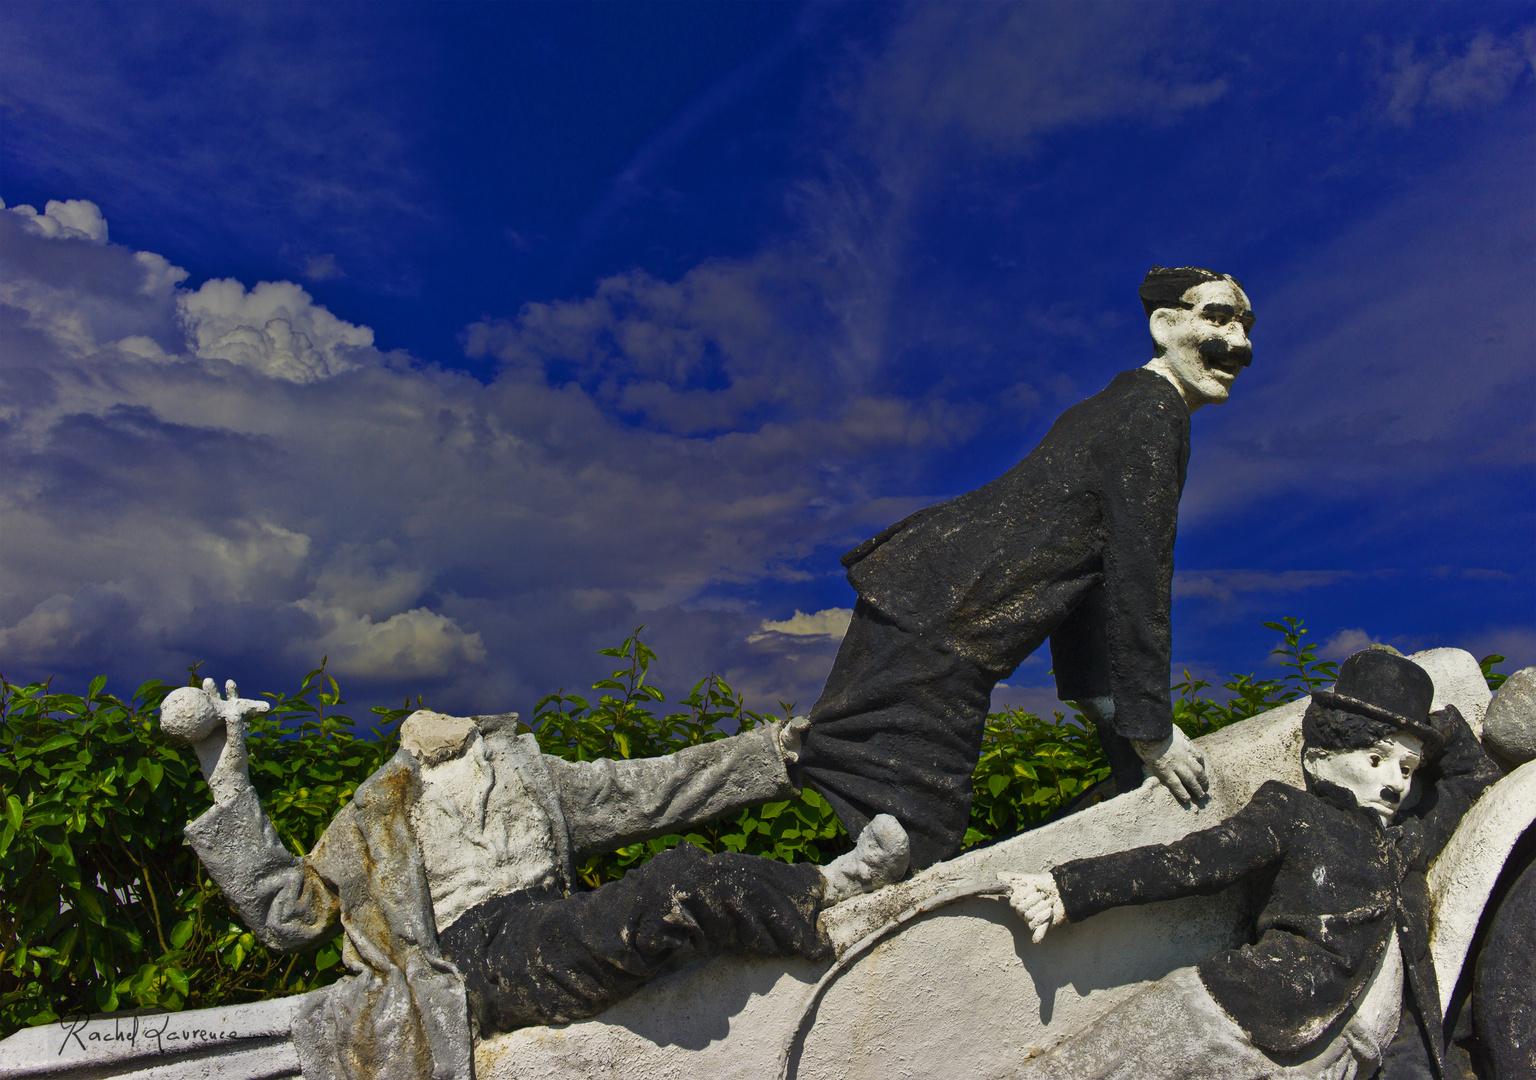 Groucho Marx et Charlot piégés sur l'autoroute du XXIe siècle